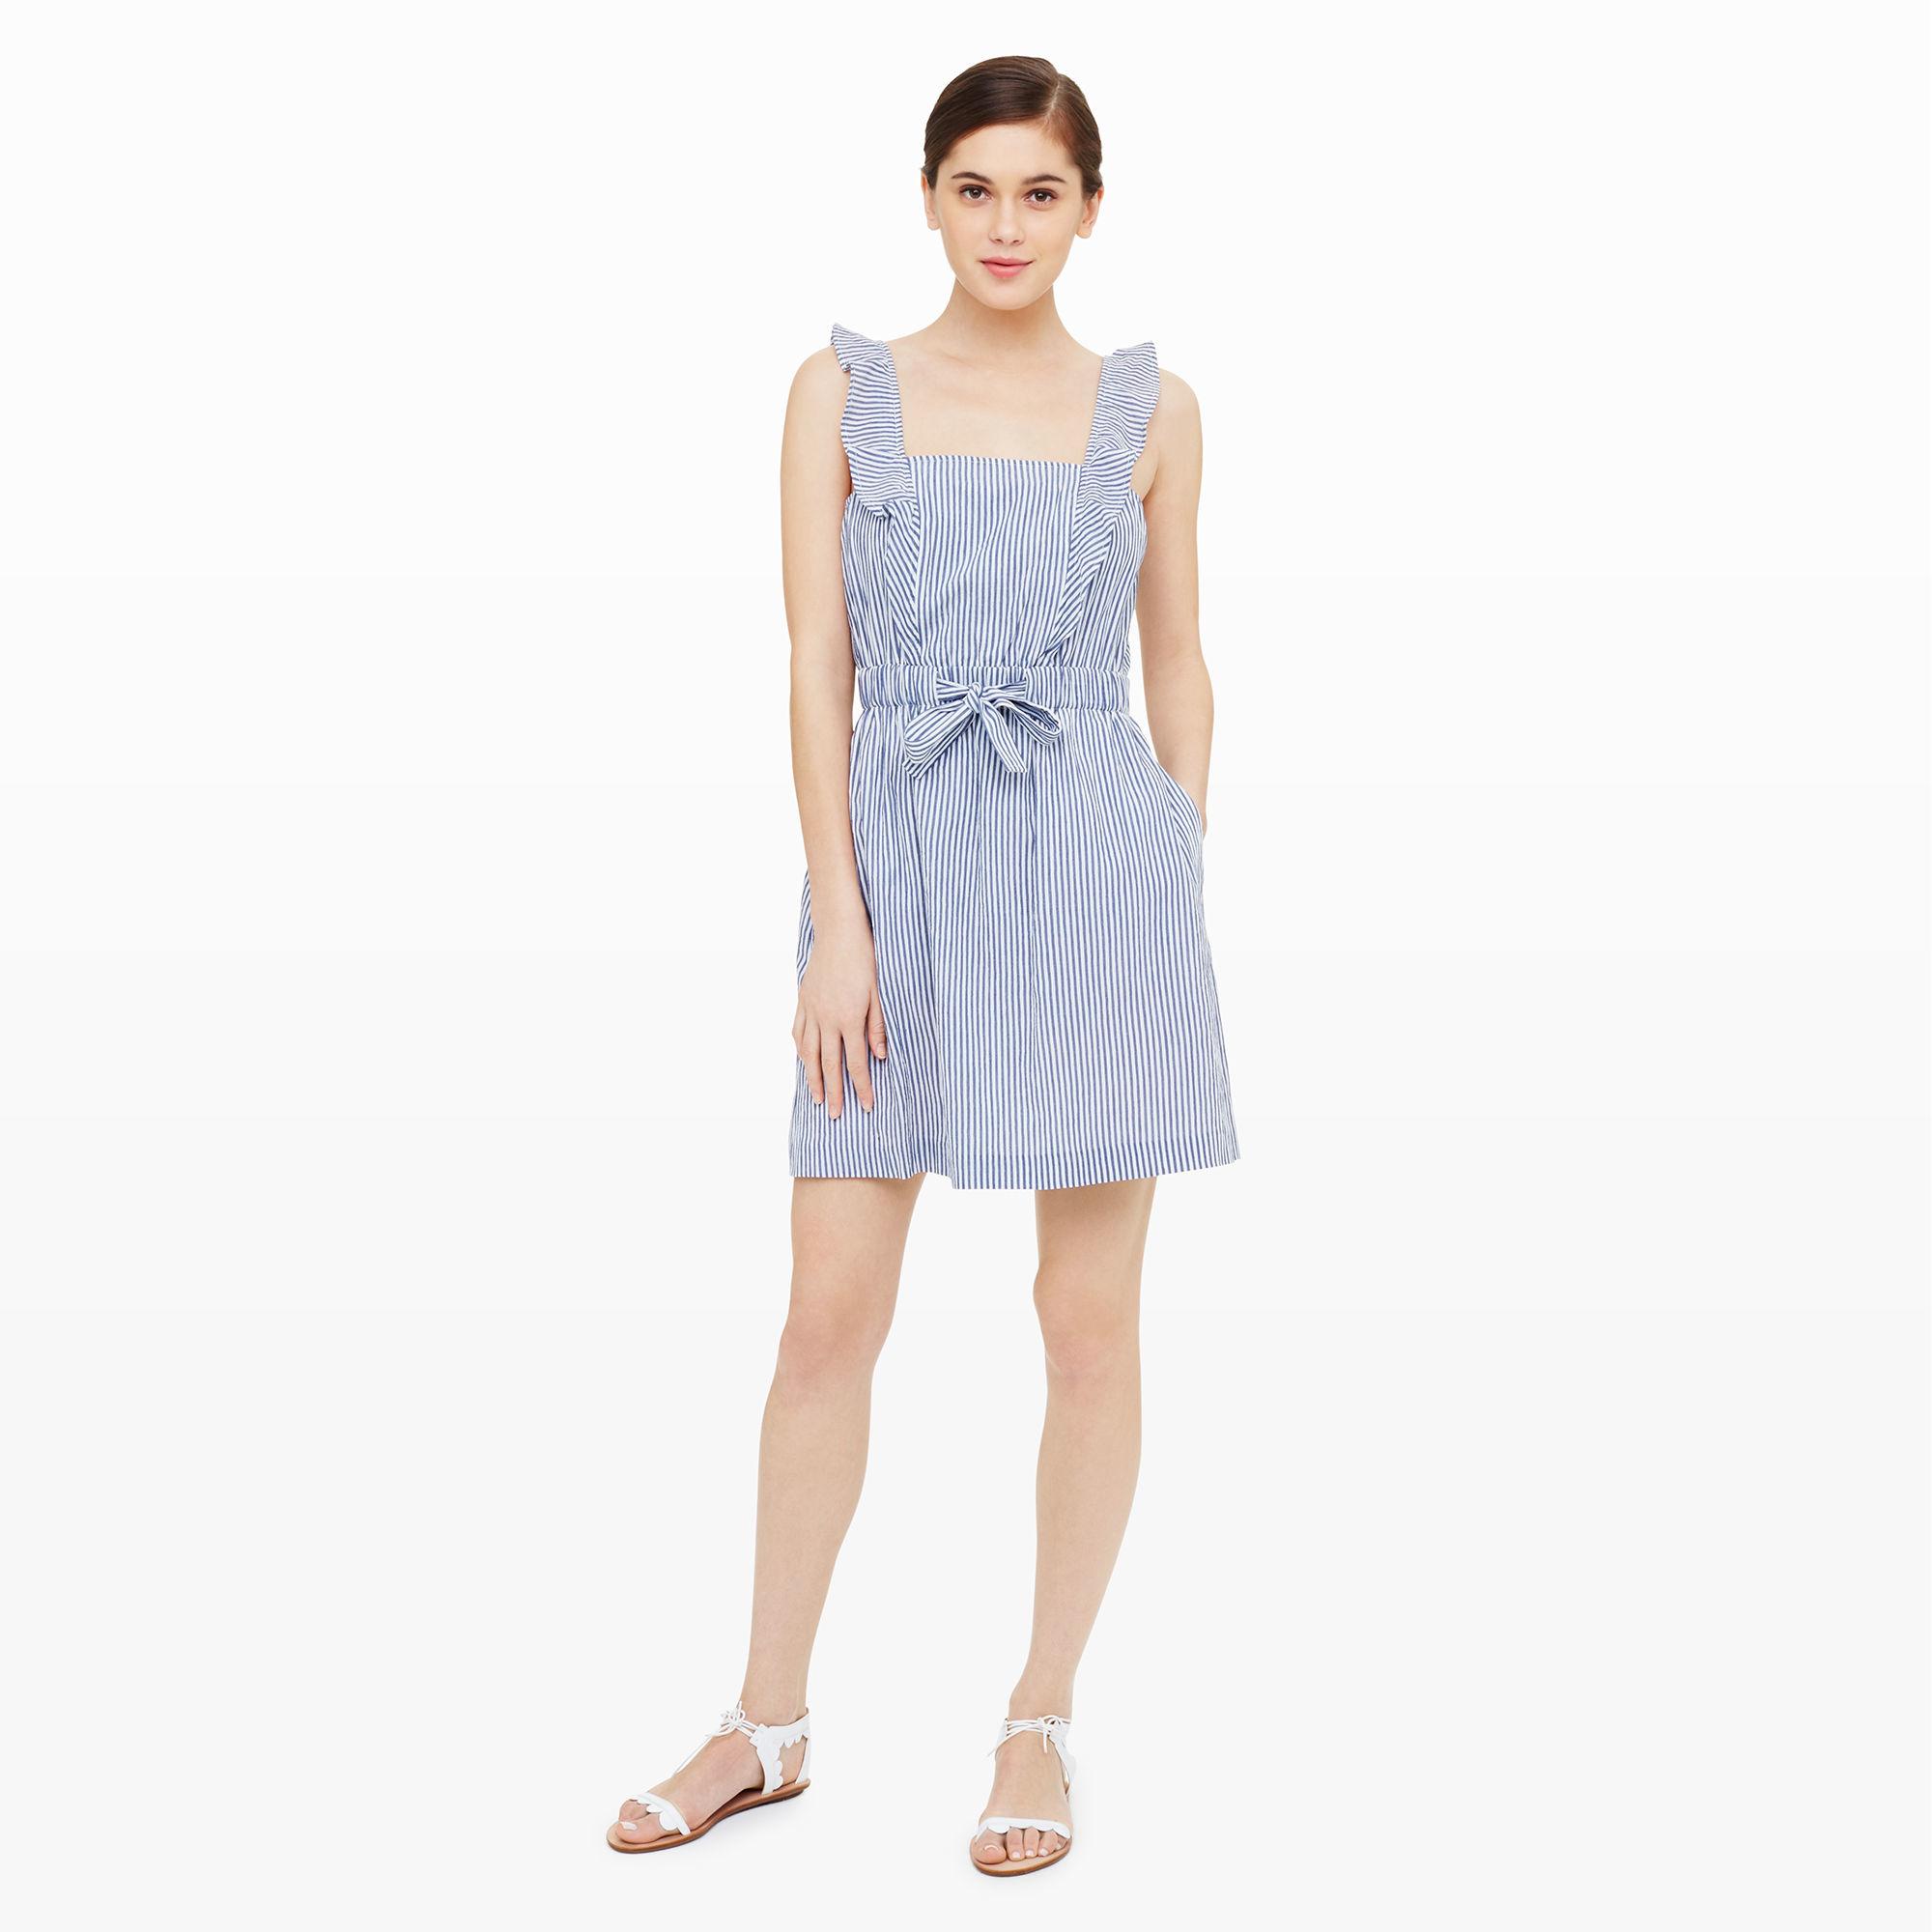 Lyst - Club Monaco Marona Seersucker Dress in Blue